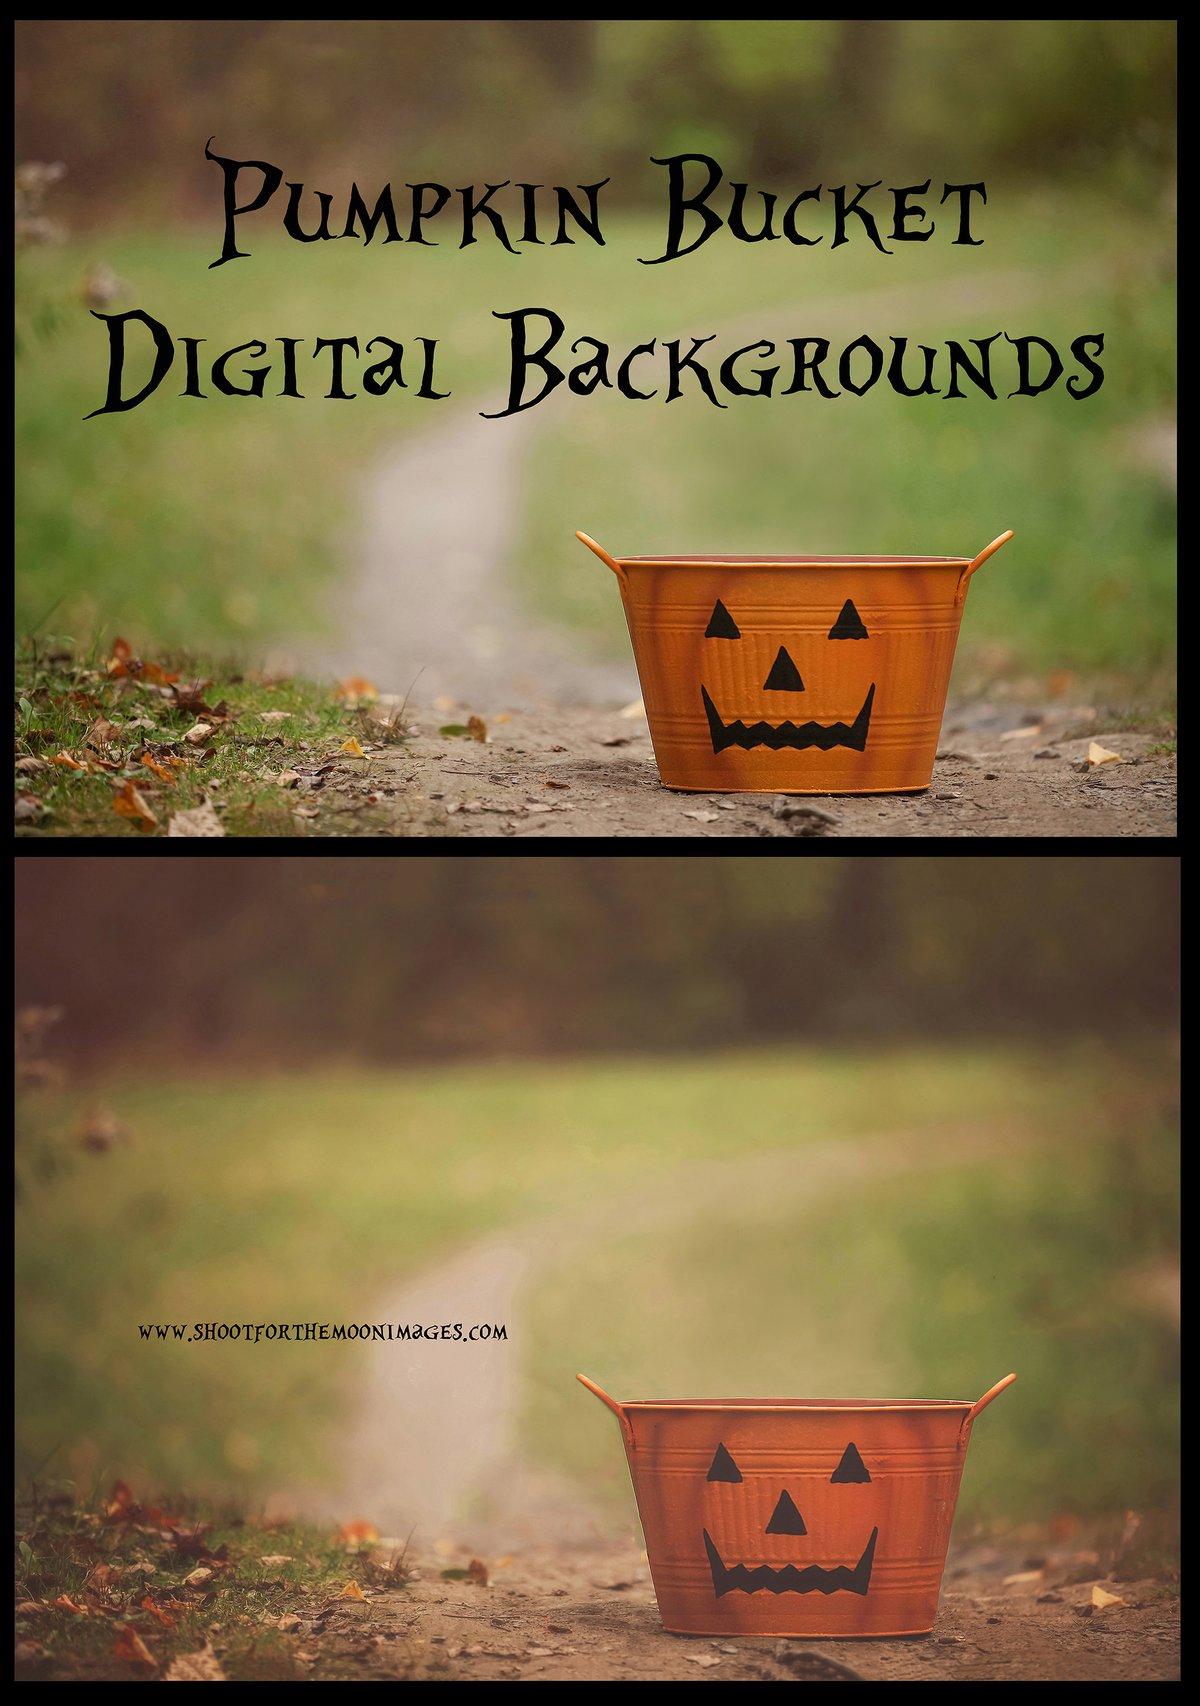 Image of Pumpkin Bucket Digital Backgrounds